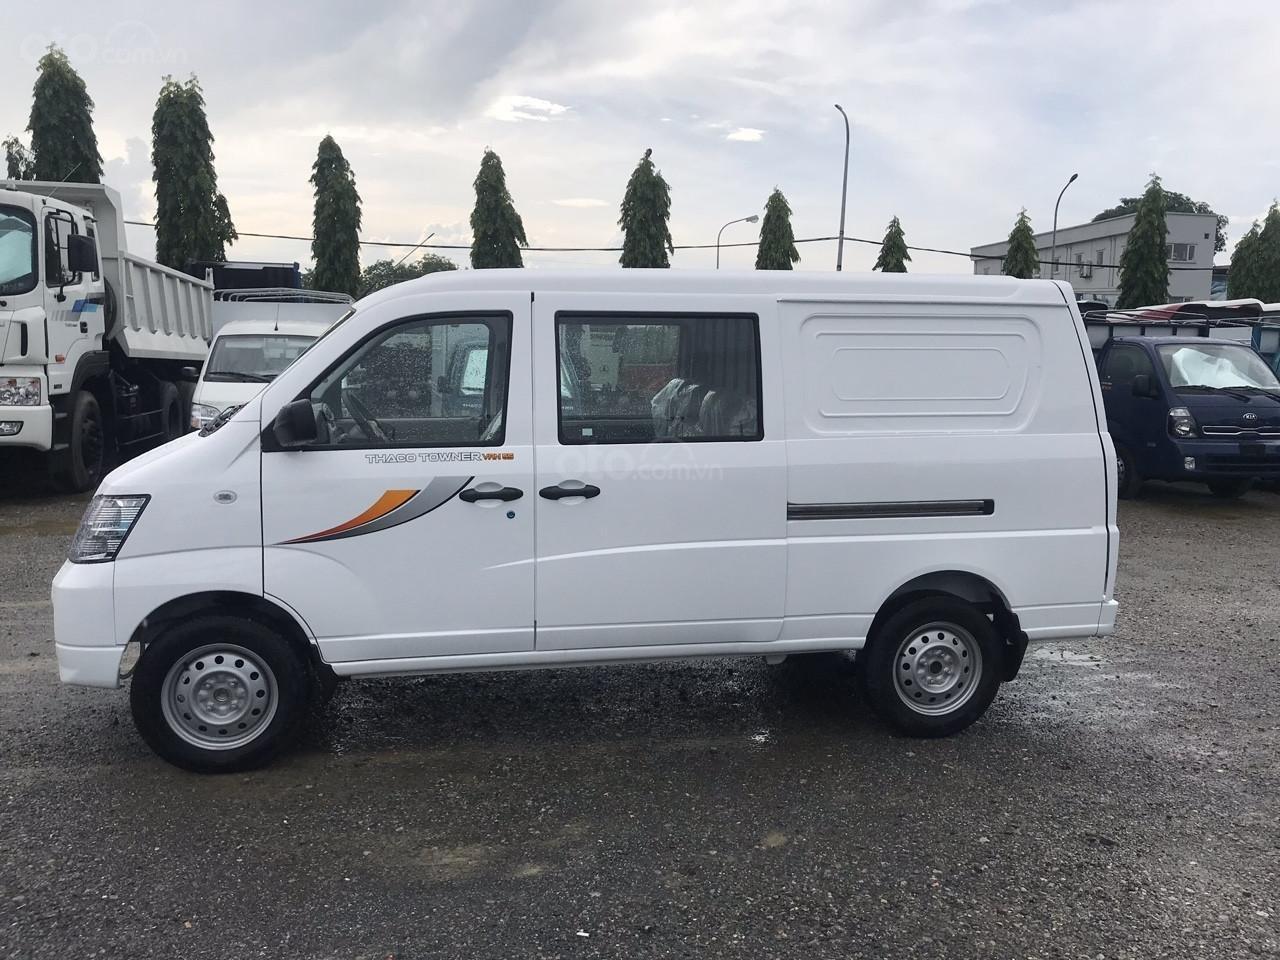 Bán xe tải Van chạy phố không cần giấy phép (2)